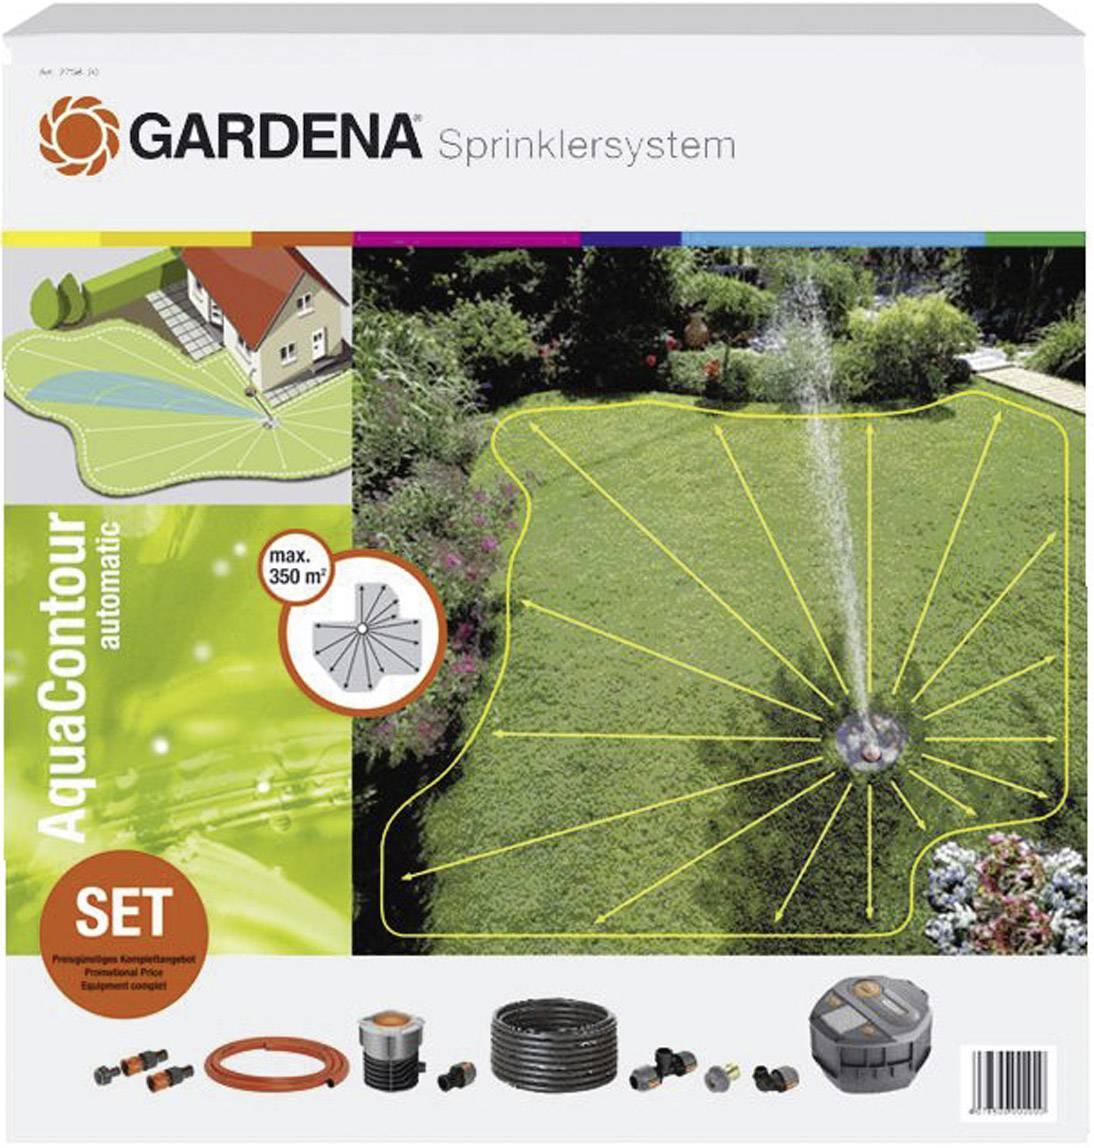 GARDENA Viereckregner ZoomMaxx Rasensprenger Garten 120-280 m² Regner bis 216m